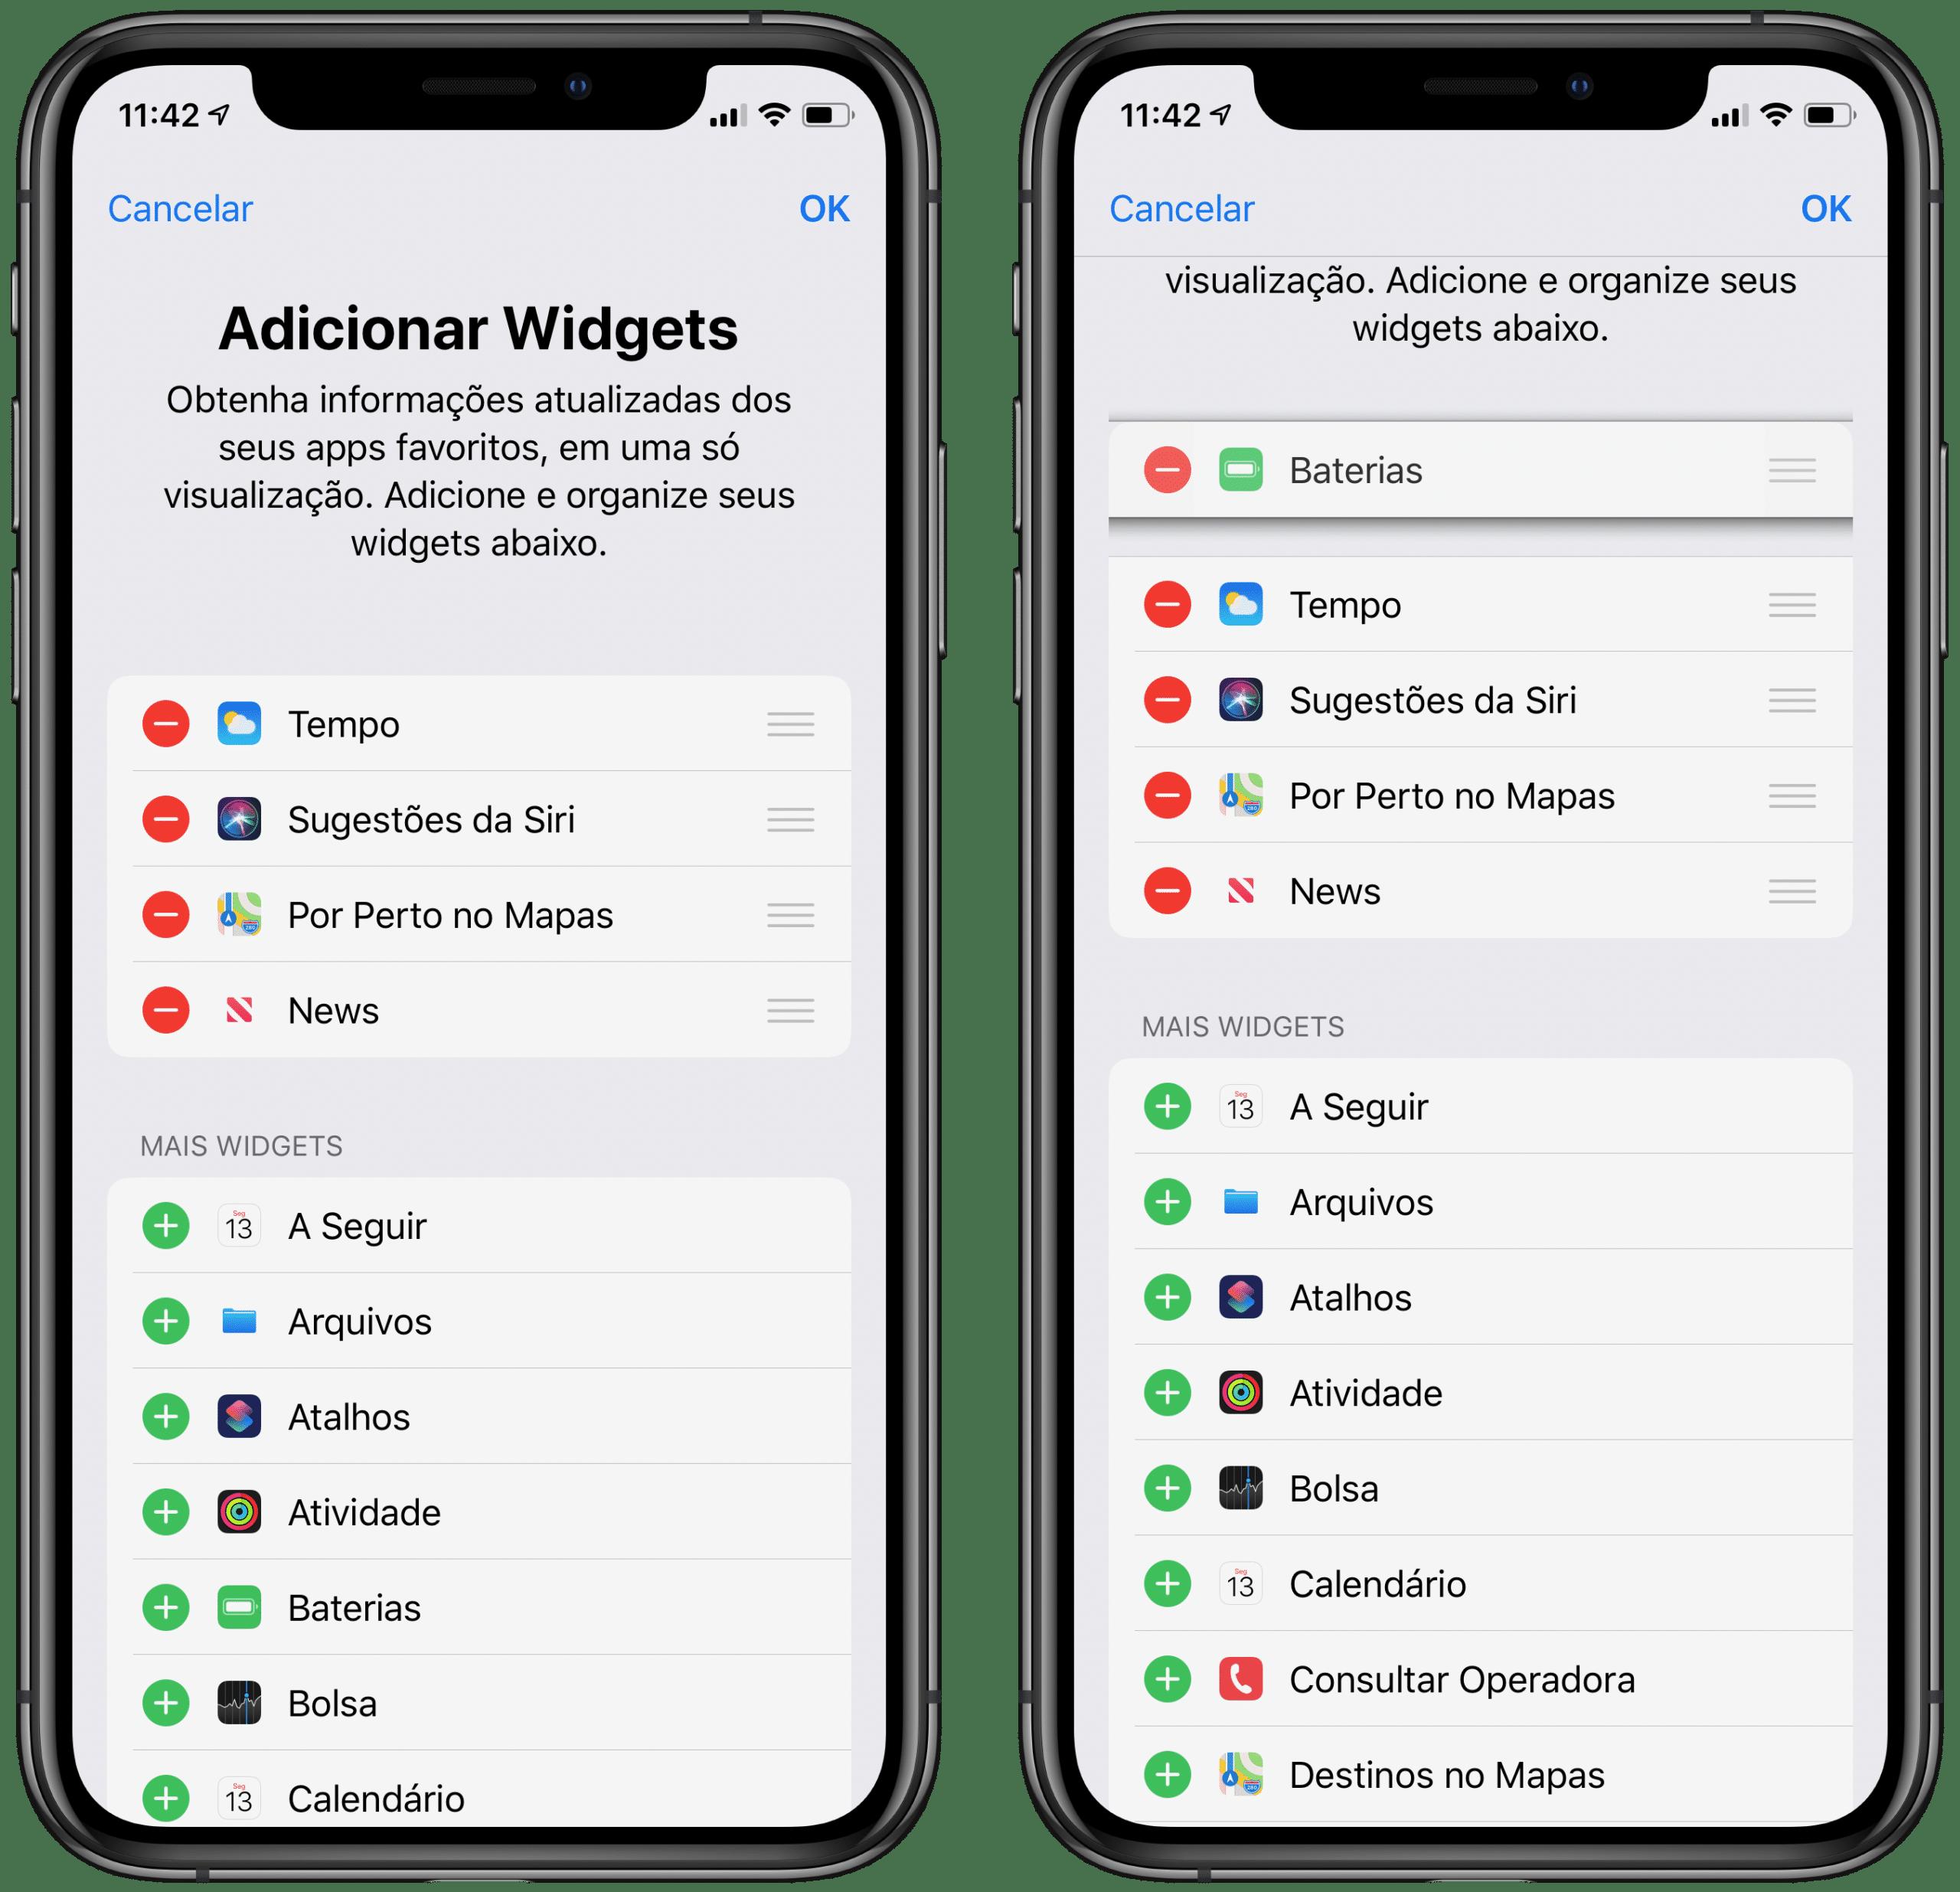 Personalizar widgets no iPhone